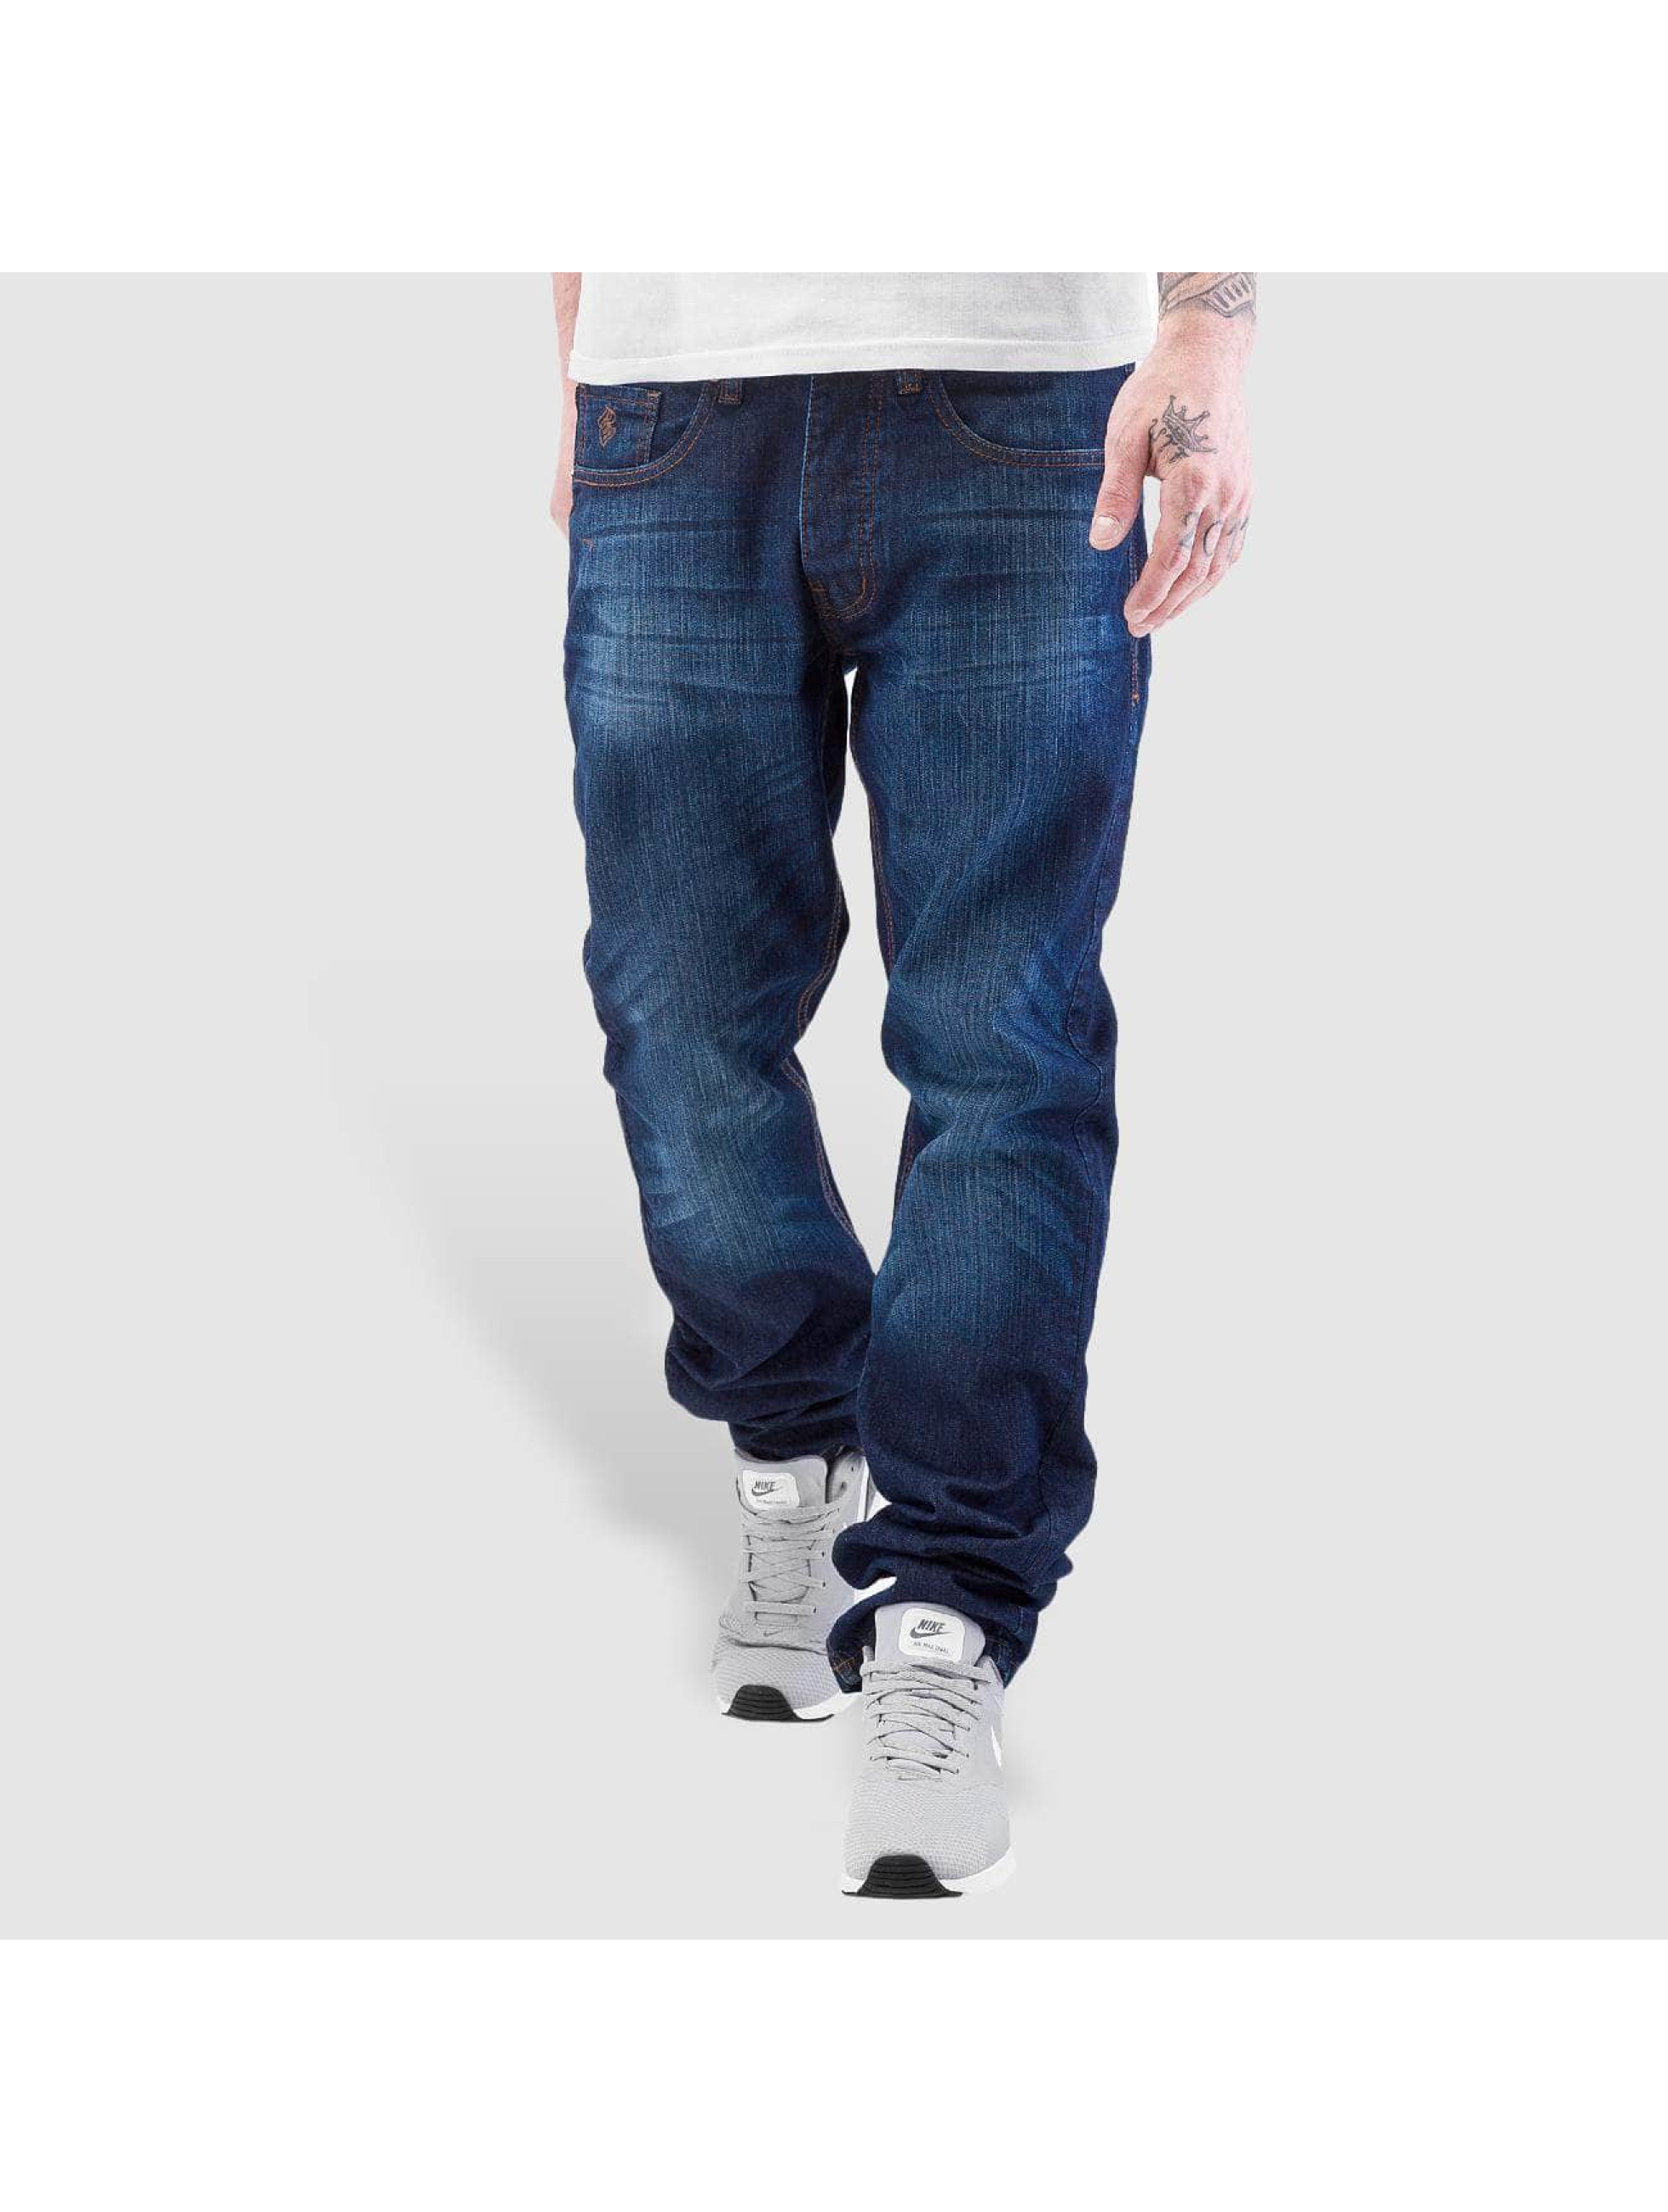 Rocawear Джинсы прямого покроя Leather Patch Relaxed синий